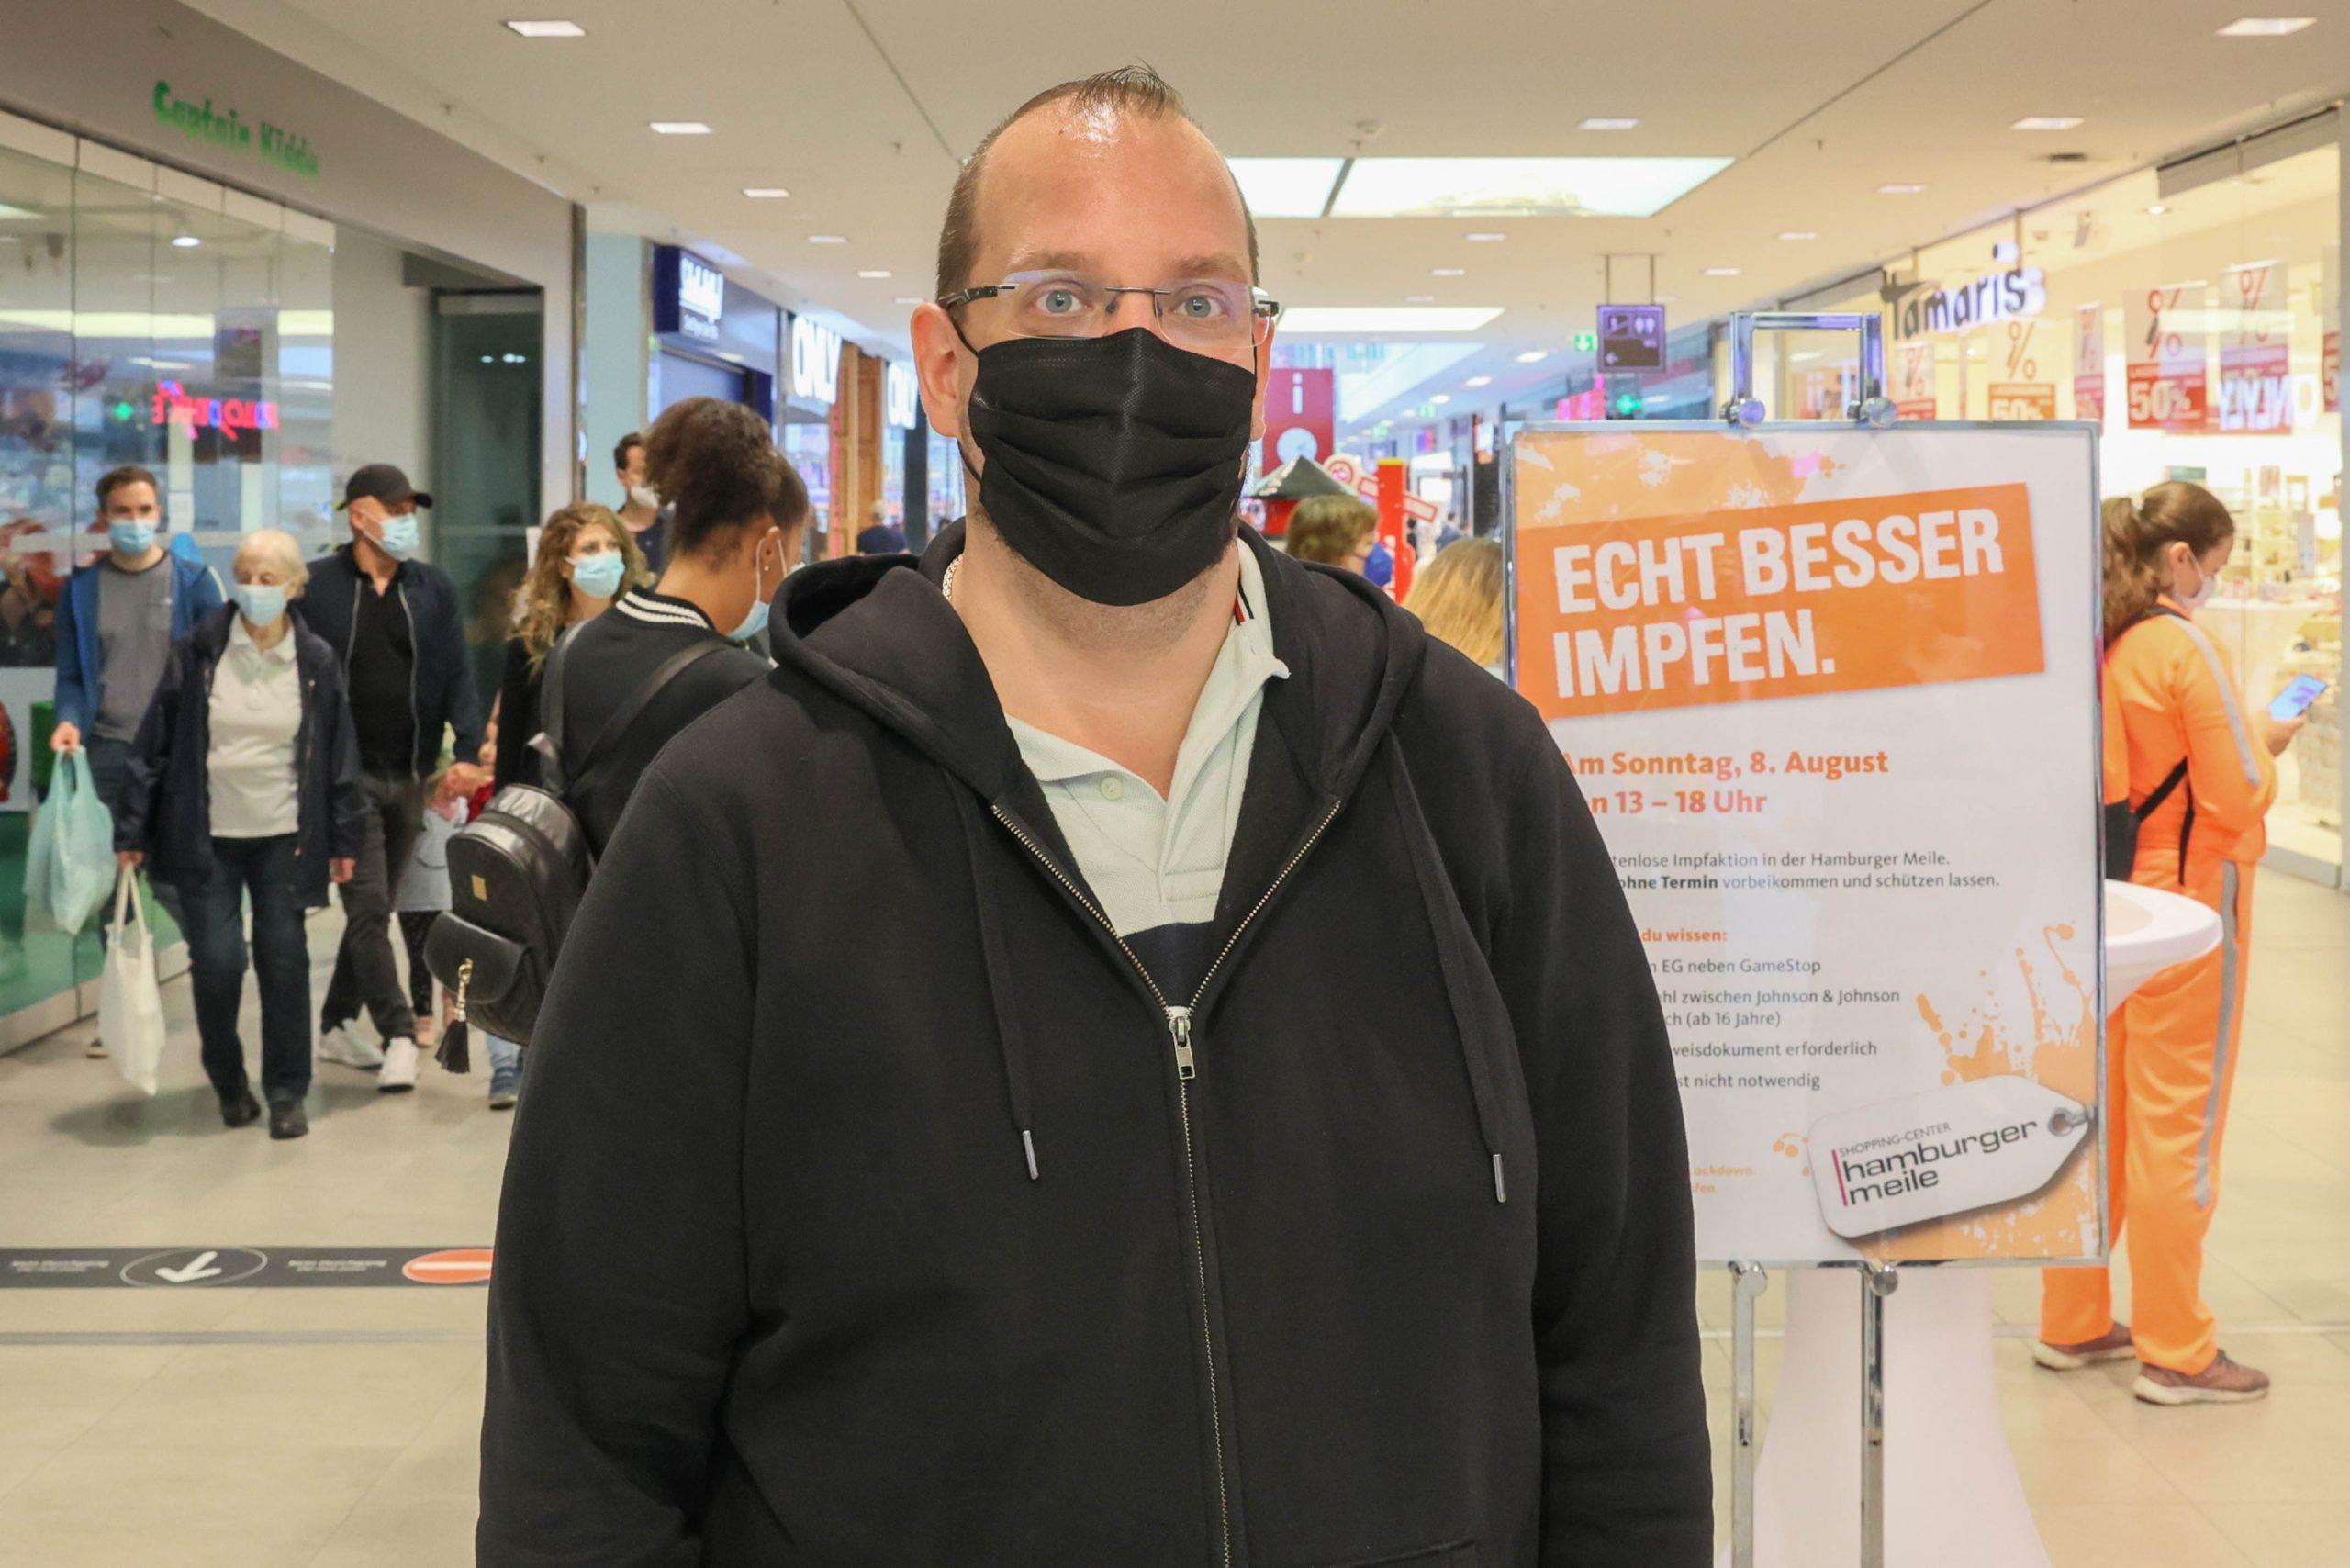 """Sven, 39, stellvertretender Betriebsleiter: """"Ich arbeite in der Nähe und bin heute kurzerhand vorbeigekommen. """"Eigentlich wollte ich mich nicht Impfen lassen, weil die Impfstoffe noch nicht lange auf dem Markt sind. Aber nächstes Jahr will ich in den Urlaub nach Thailand und da brauche ich die Impfung."""""""